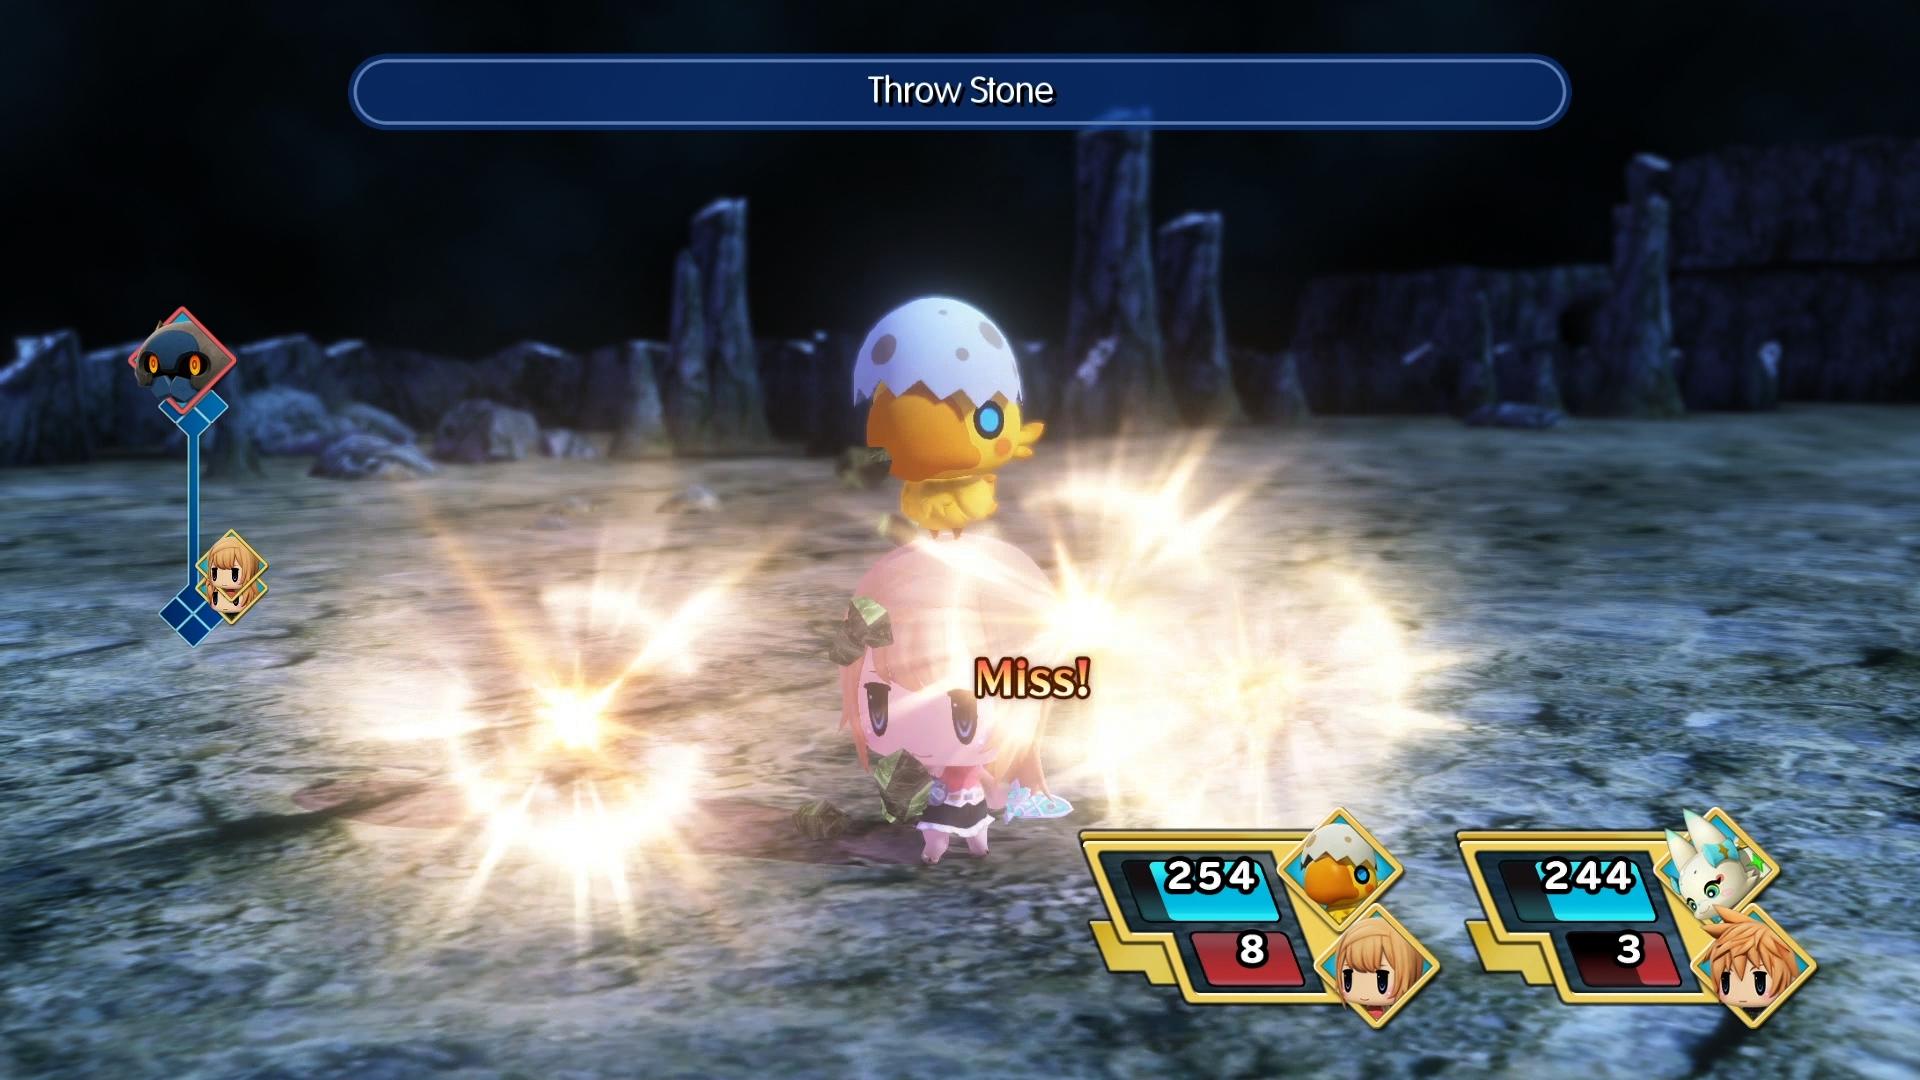 World of Final Fantasy vypadá na obrázcích pohádkově 130359